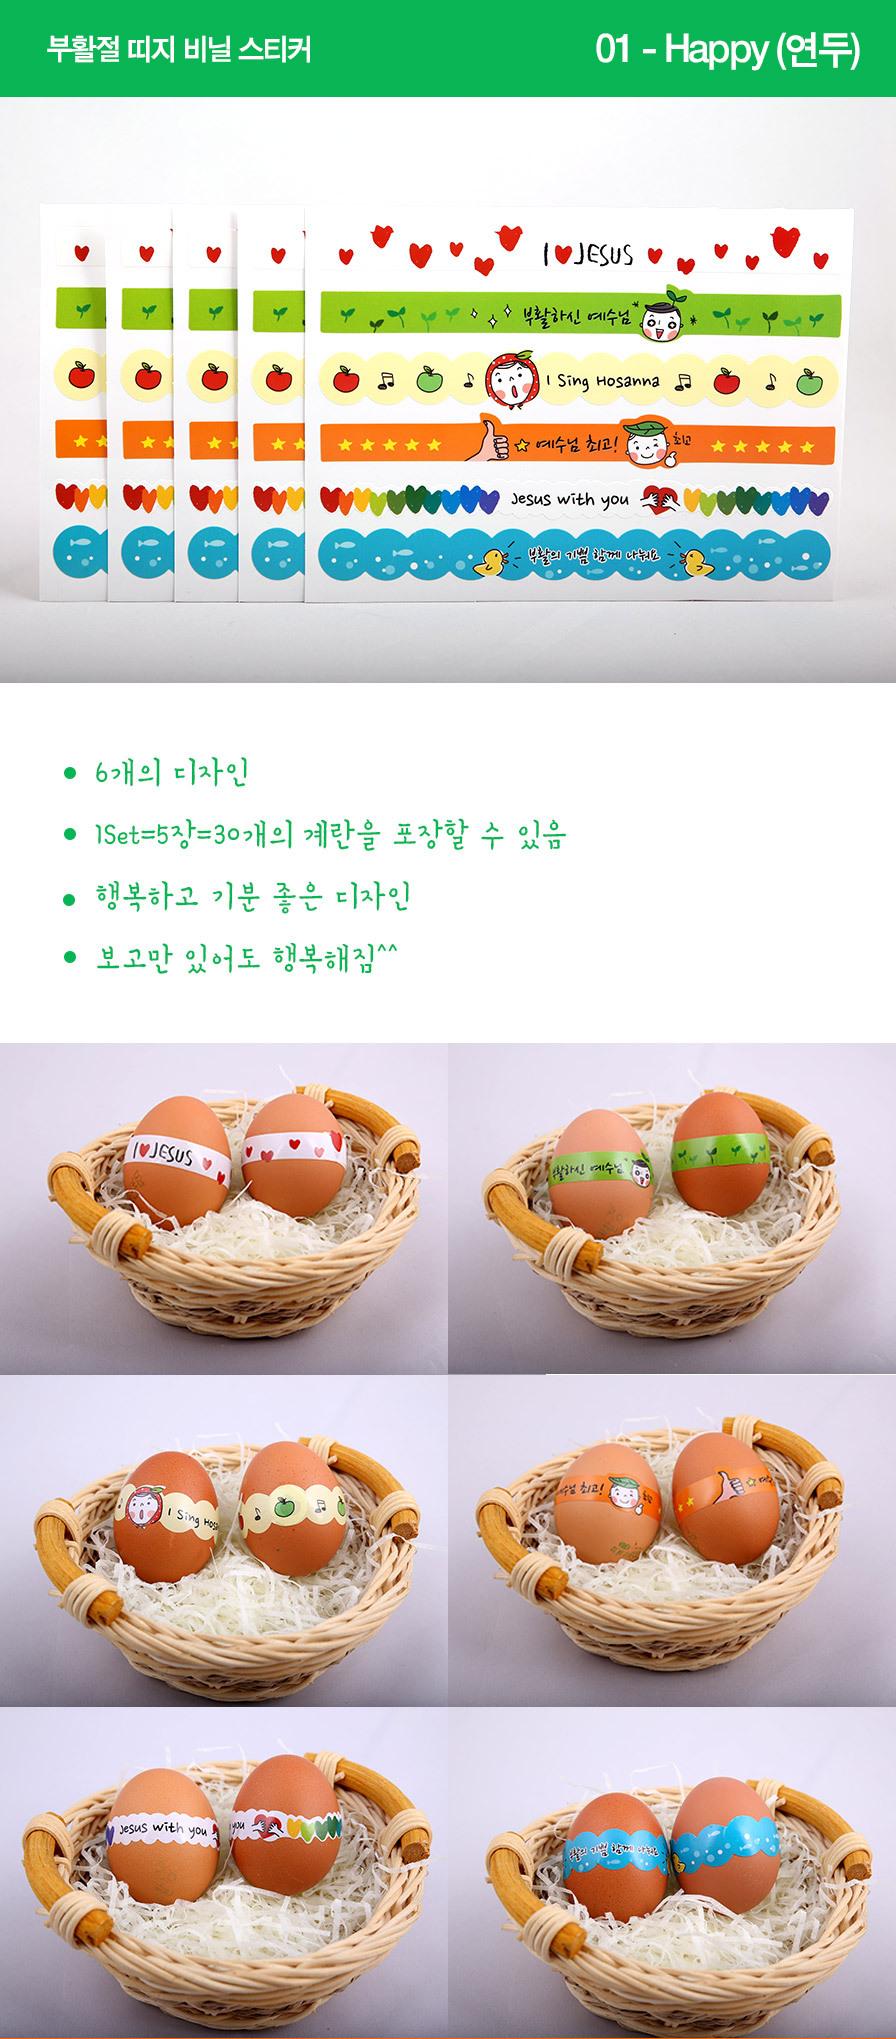 교회 부활절 달걀꾸미기 띠지스티커 1번 연두 (해피) 1세트에는 6개의 사랑스러운 디자인 스티커 5장이 들어 있어 계란 한 판, 30개의 계란을 포장할 수 있어요